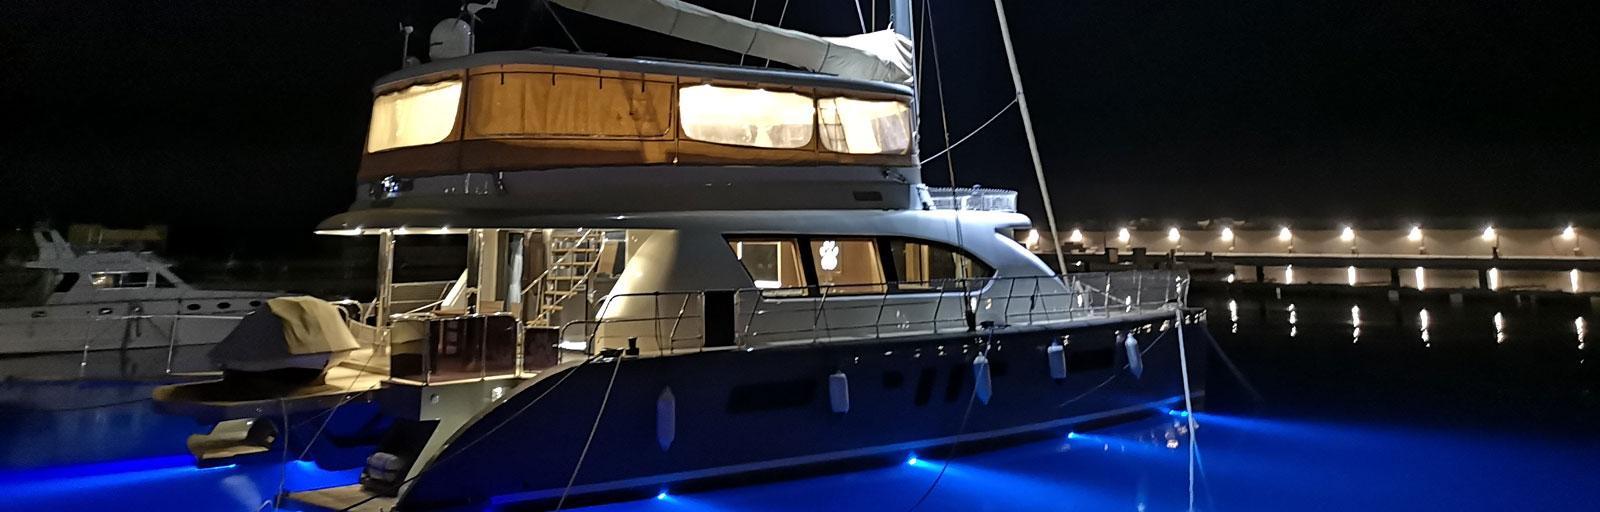 NG 66' Catamaran